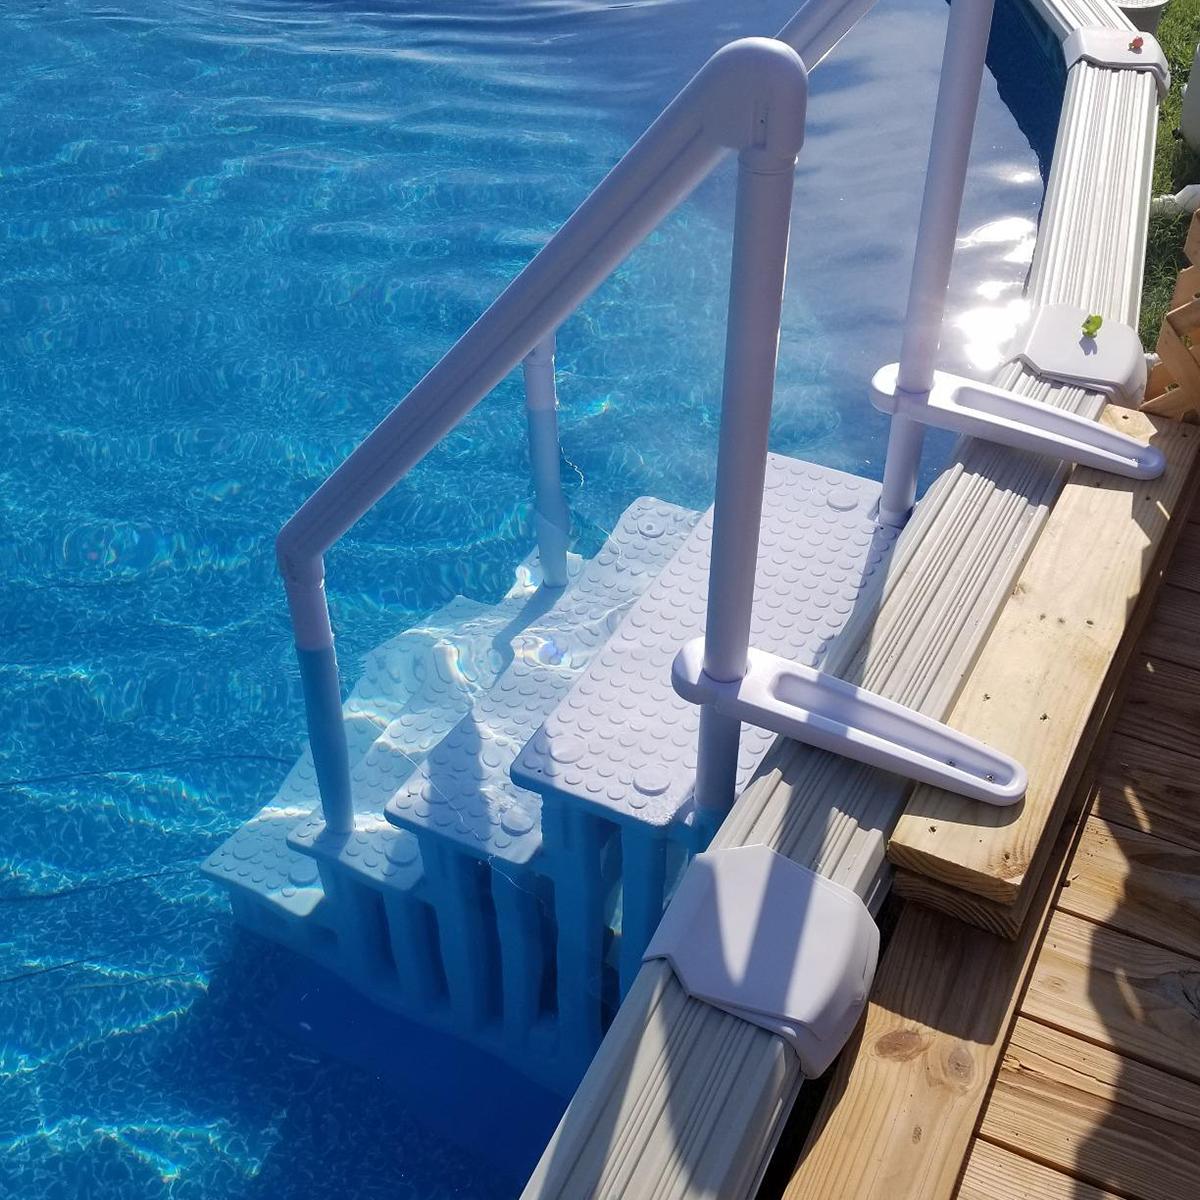 manutenzione-della-piscina-tutto-quello-che-c'è-da-fare-prima-dell'estate-17